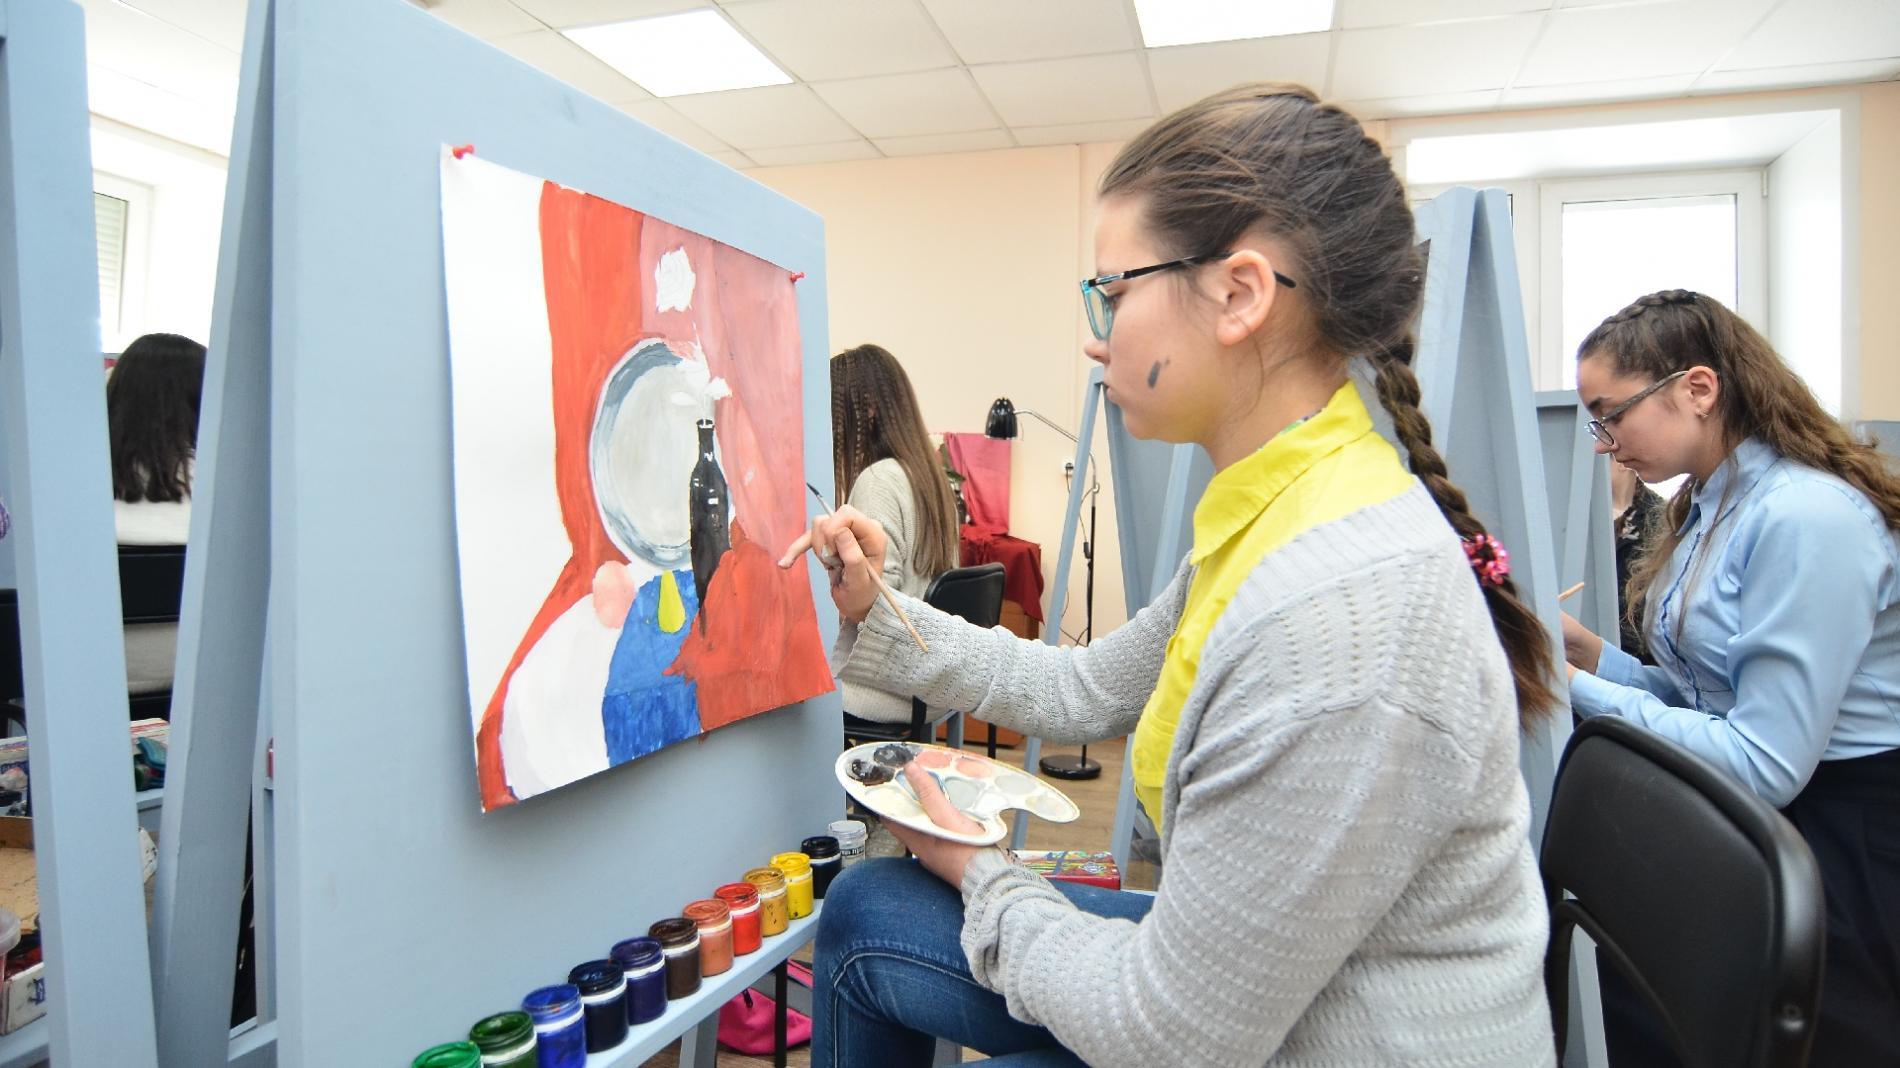 Воспитанницы «Арт-идеи» смогут поступить в престижный университет Санкт-Петербурга без вступительных испытаний